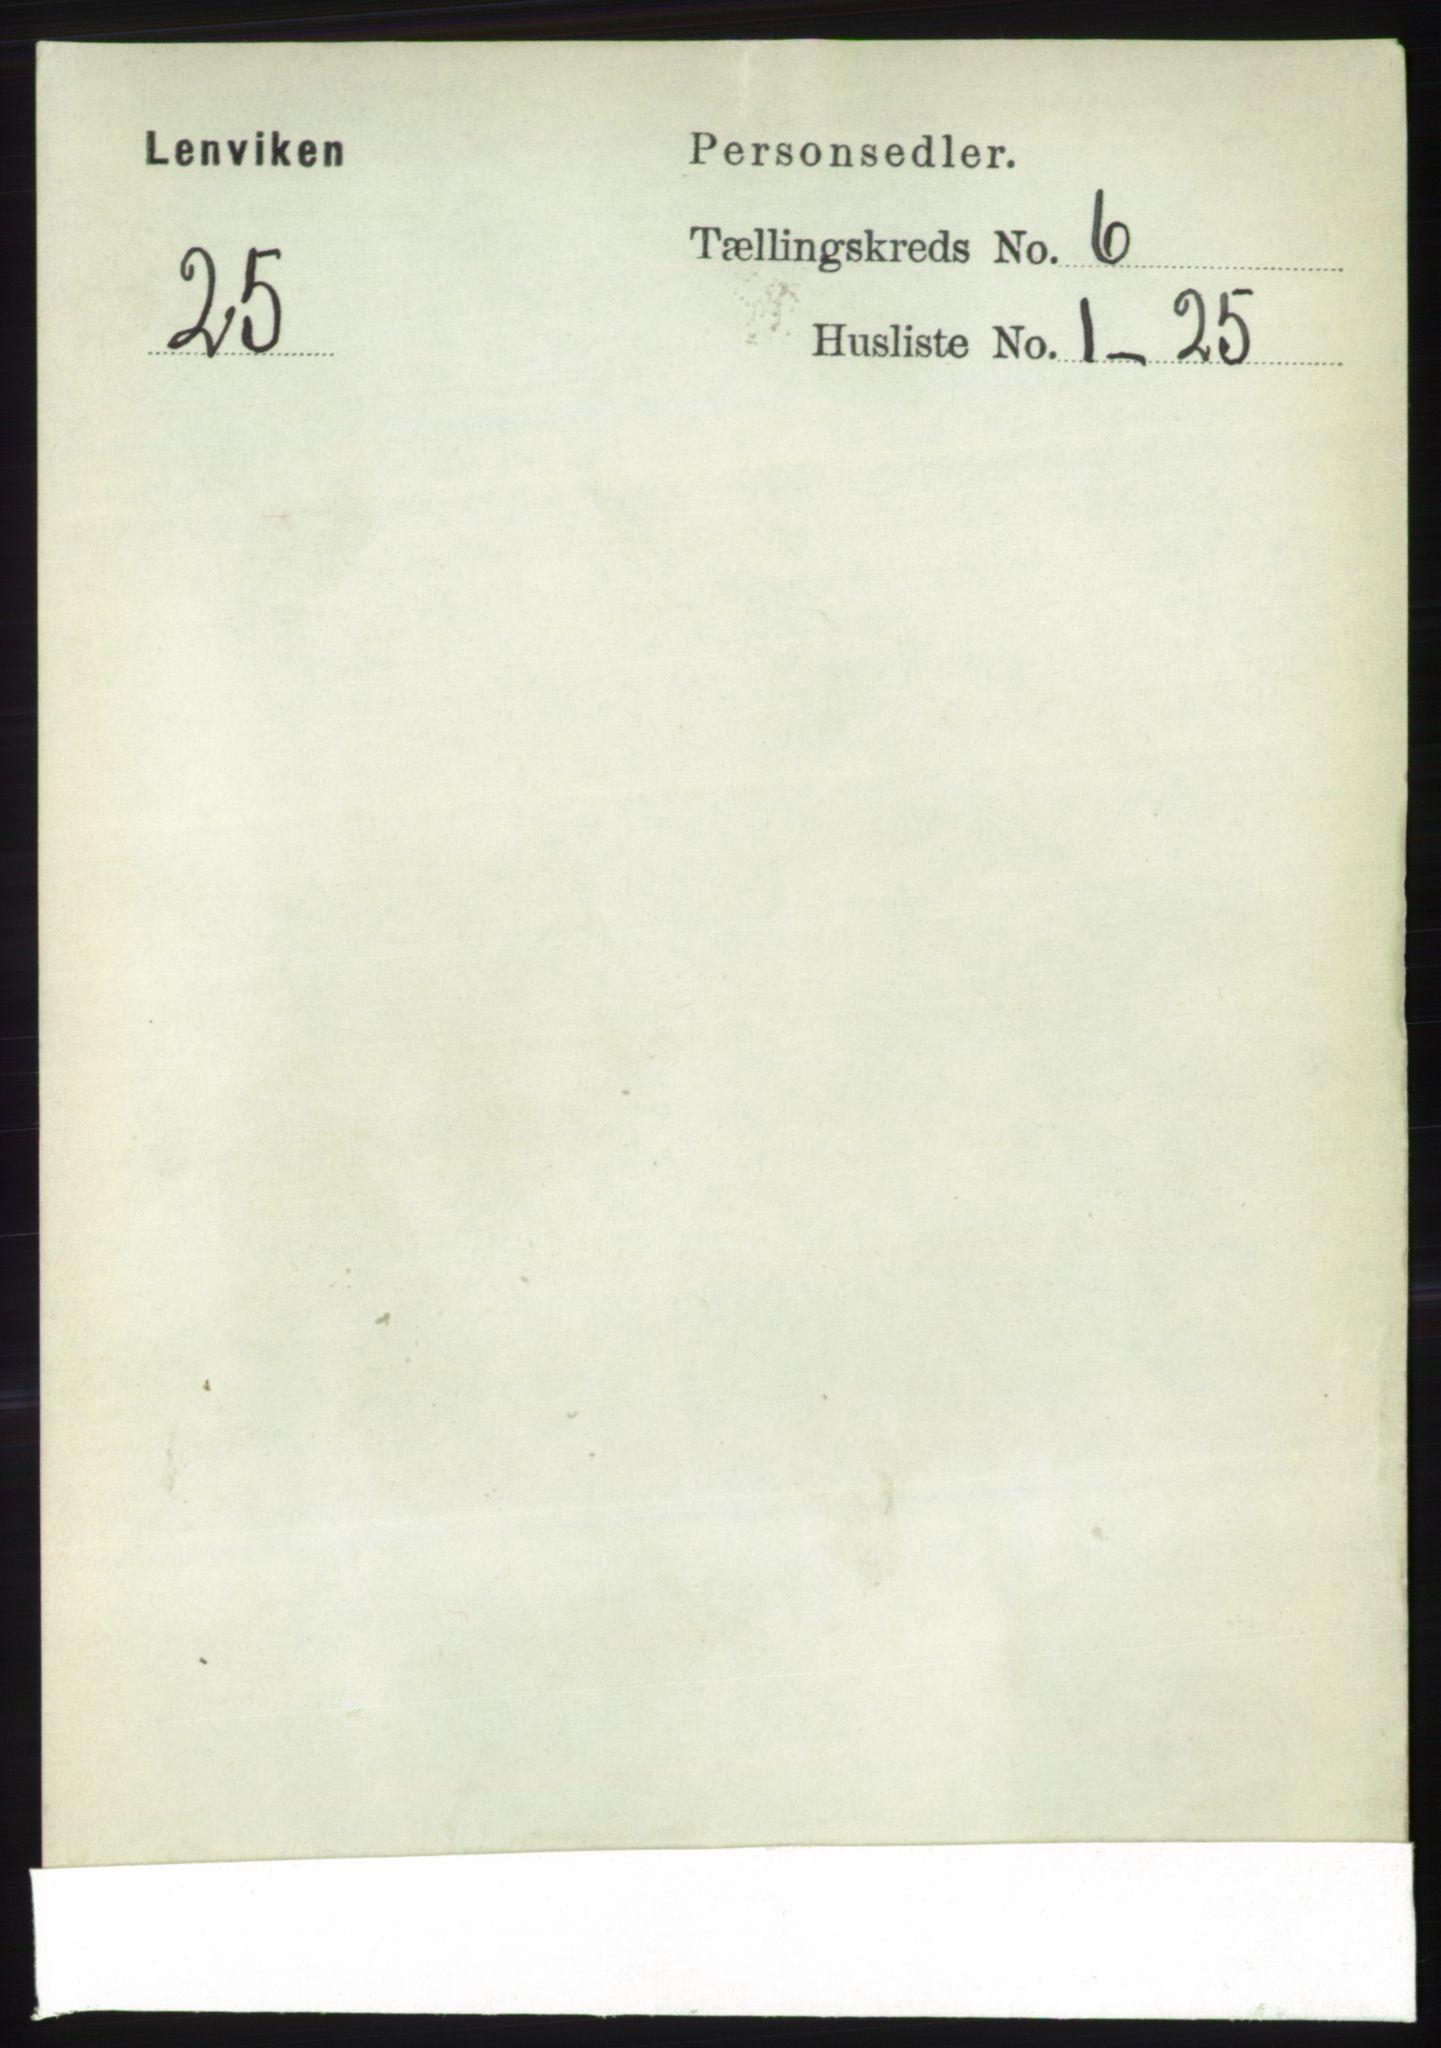 RA, Folketelling 1891 for 1931 Lenvik herred, 1891, s. 3237